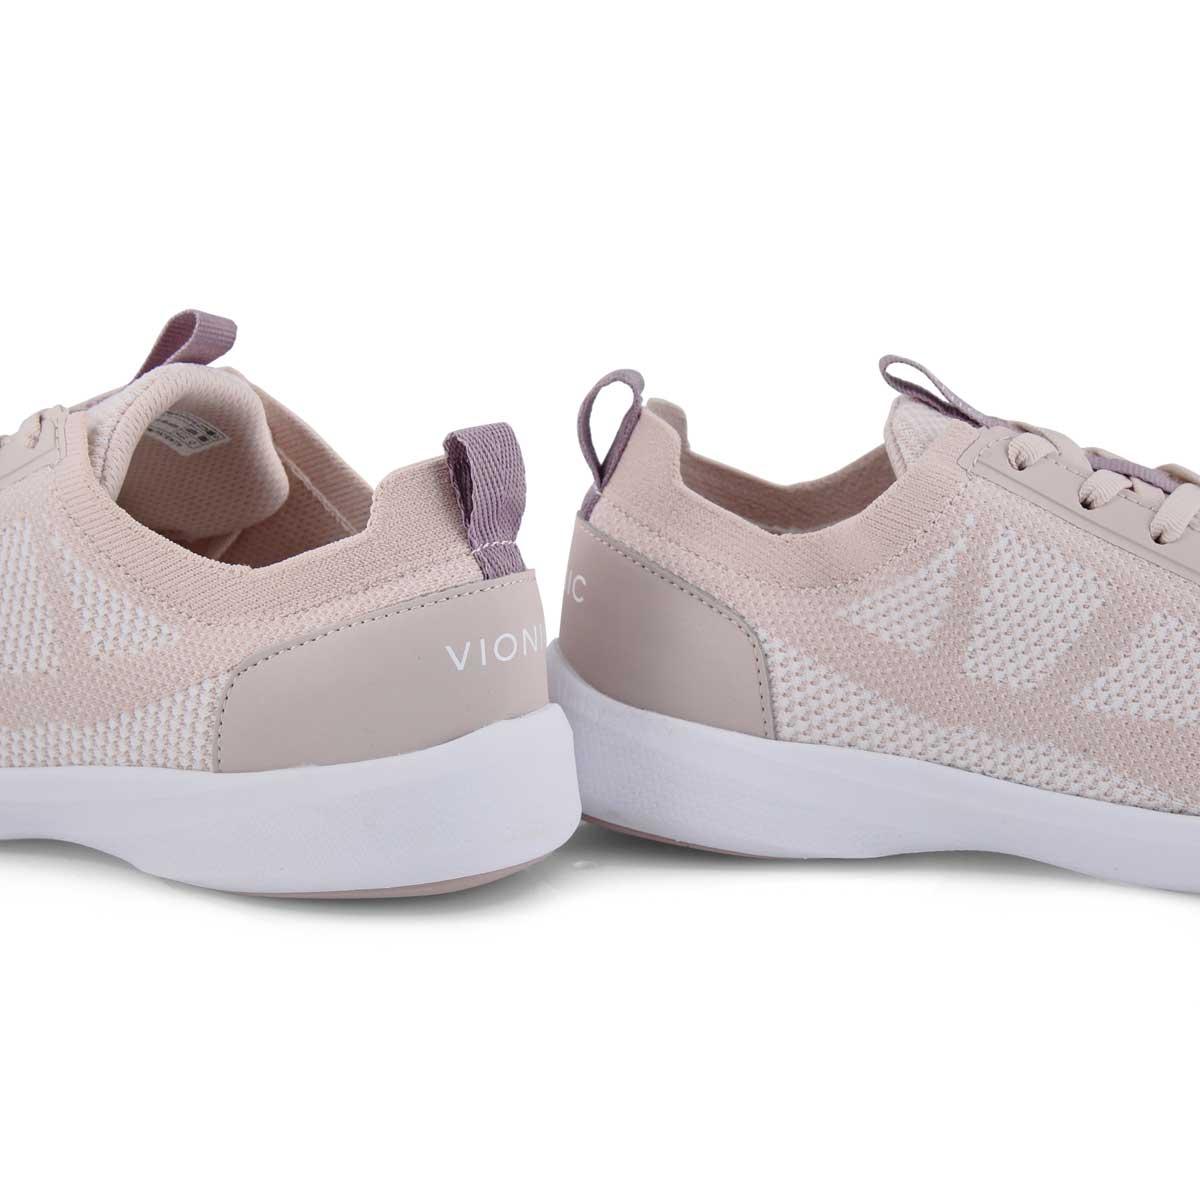 Chaussures de course SKY LENORA, rosé, femmes